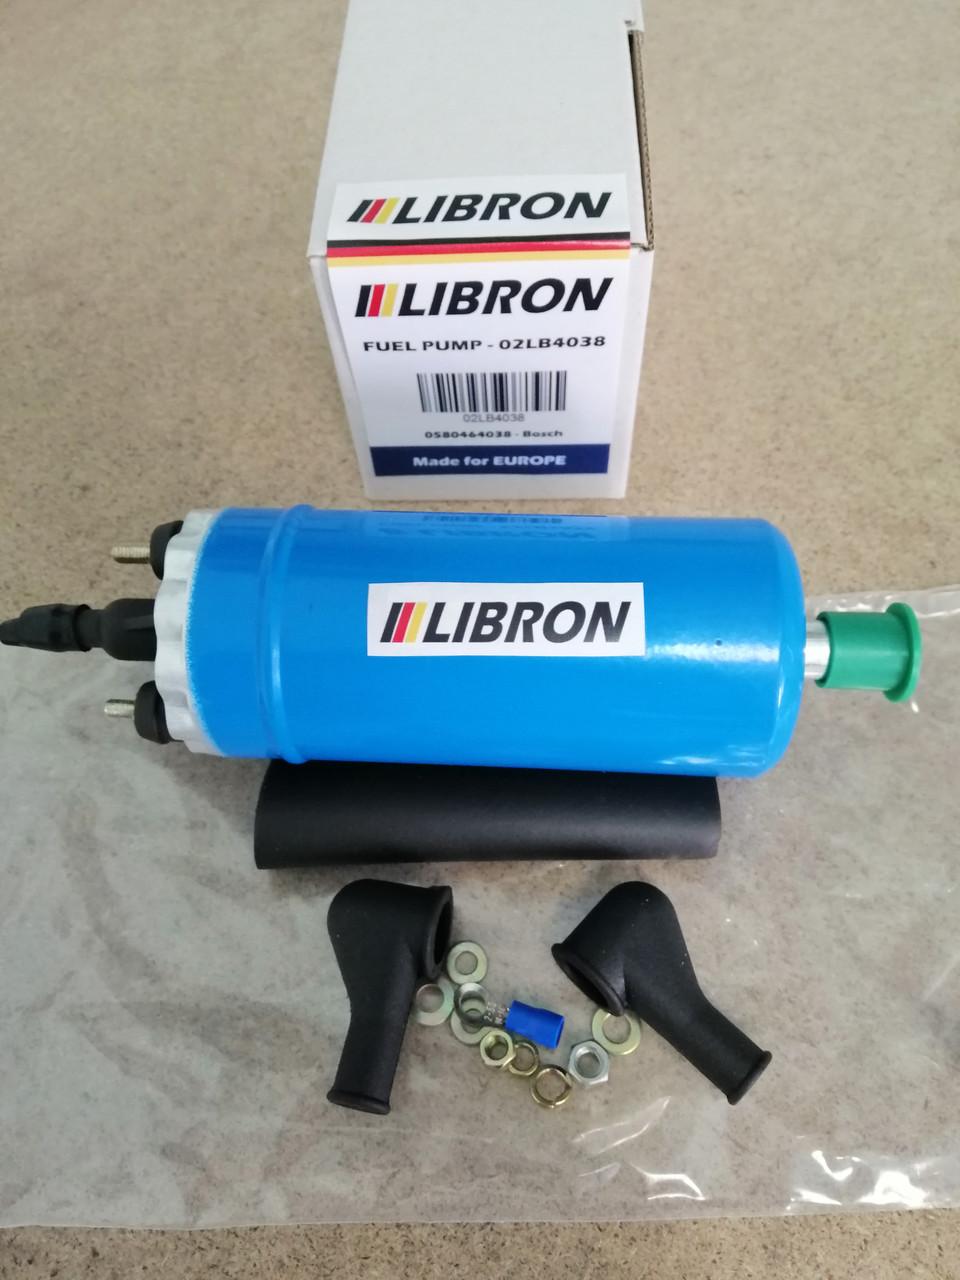 Топливный насос LIBRON 02LB4038 - Рено EXPRESS фургон (F40_, G40_) 1.4 (F407) KAT (1988-1998)